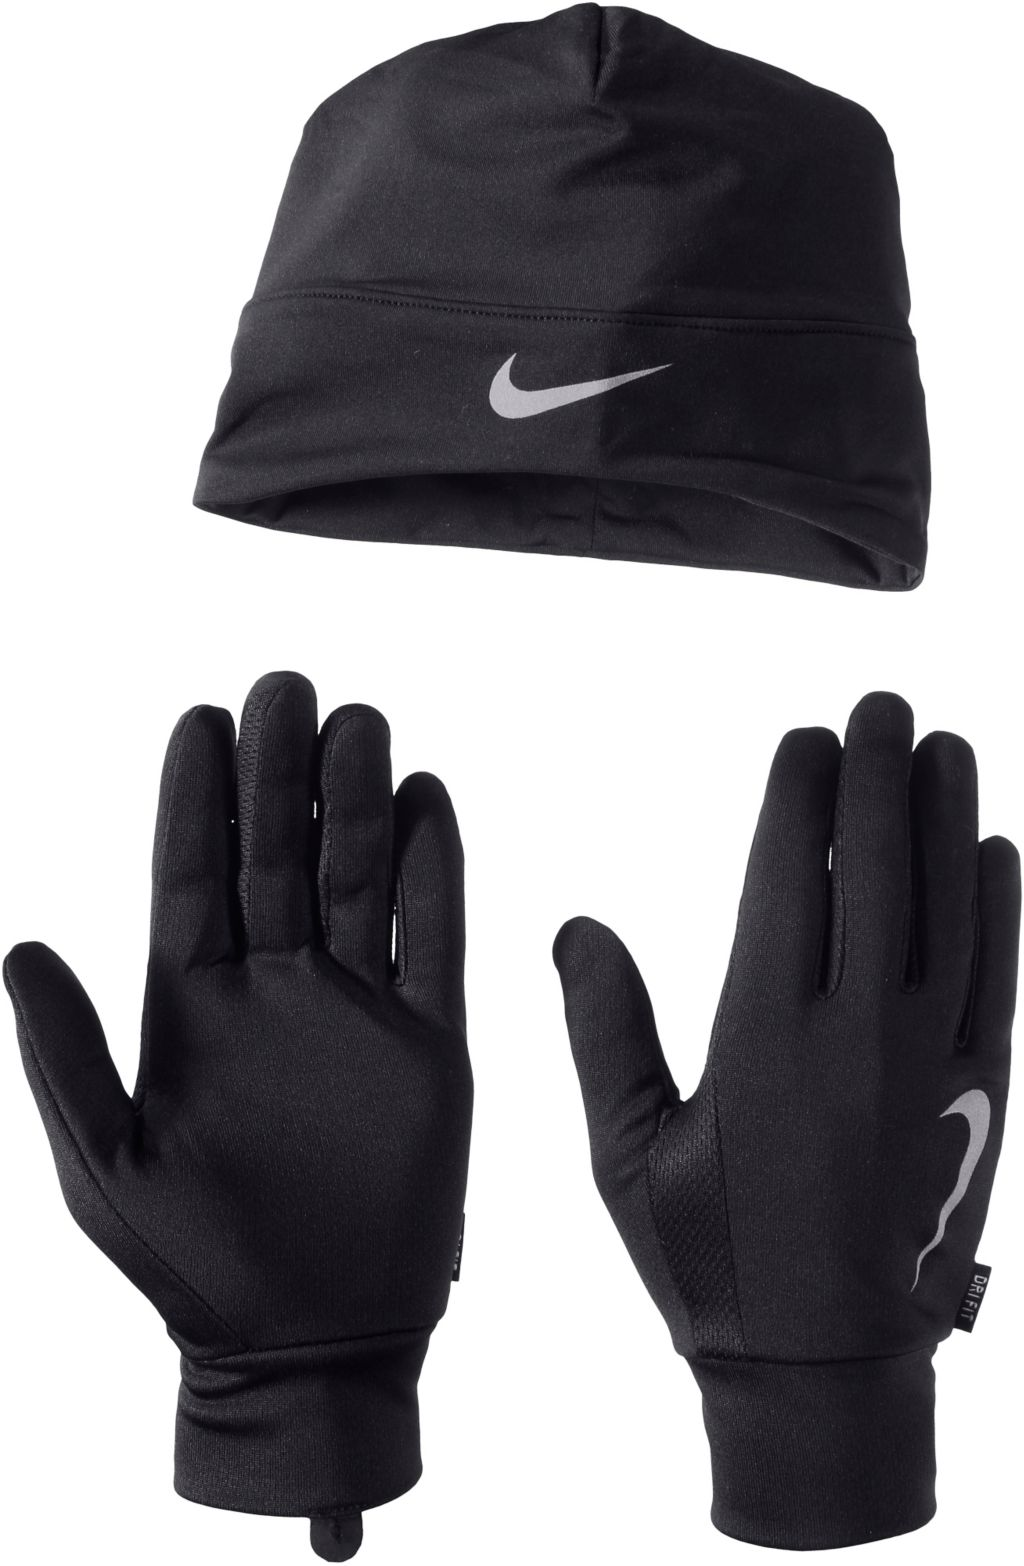 Set Mütze/Handschuhe Set aus Mütze und Schal in schwarz, Größe XL